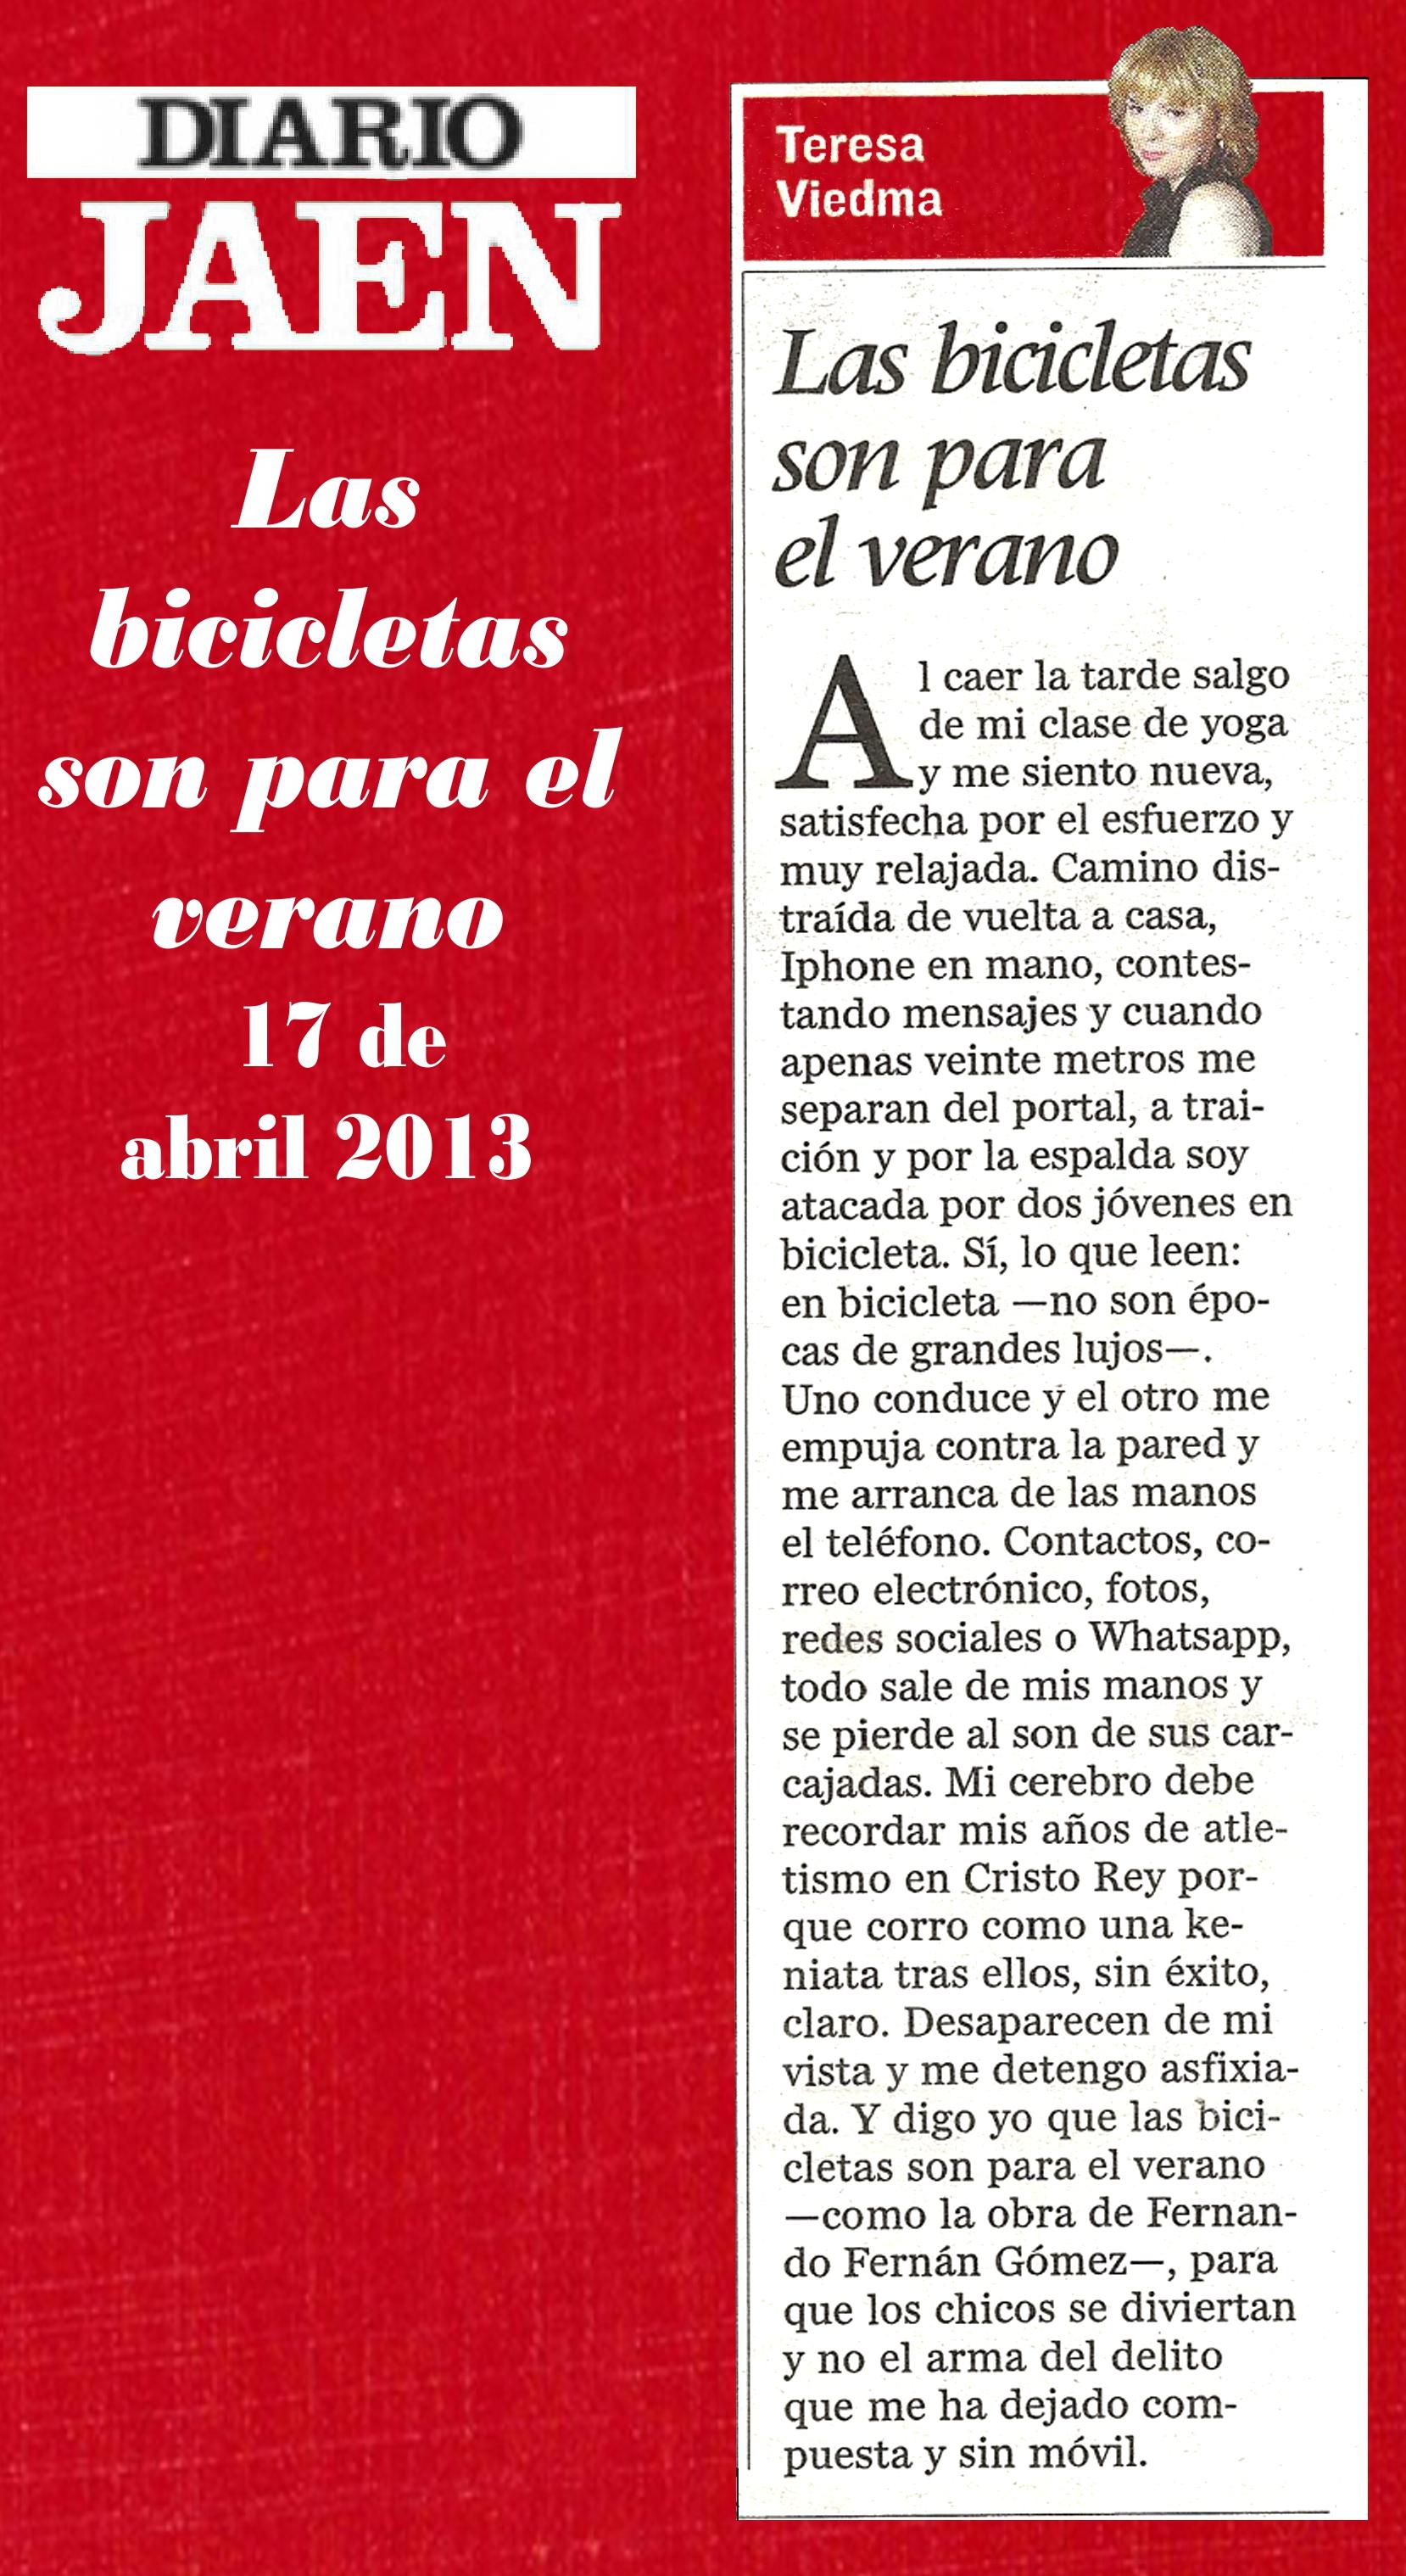 17042013 LAS BICICLETAS SON PARA EL VERANO